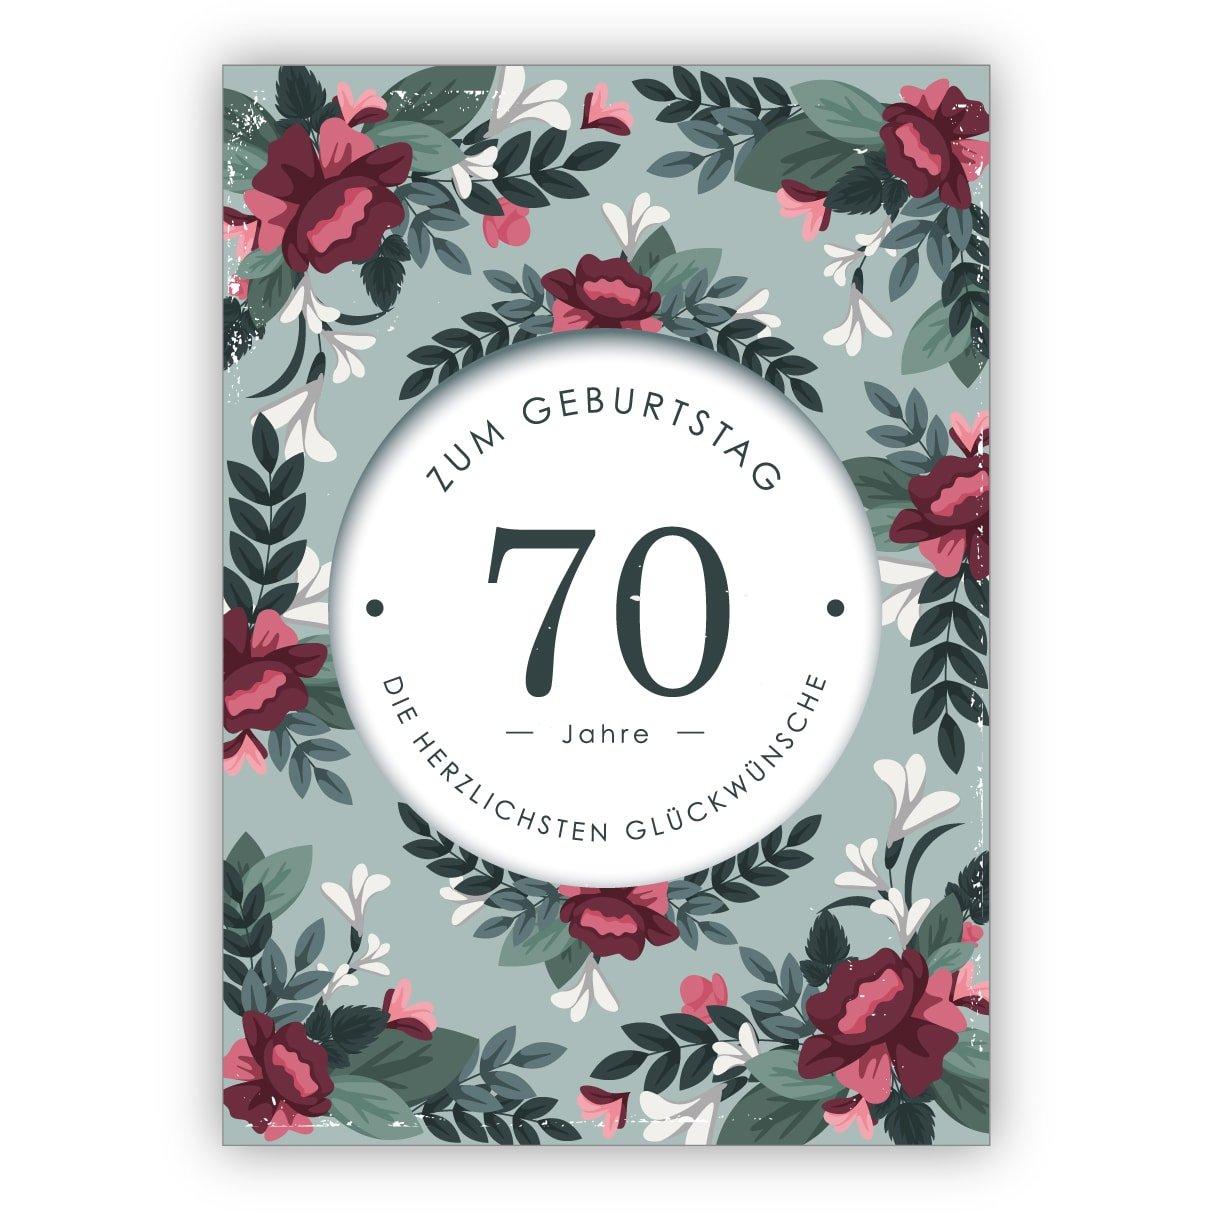 16er Set privat & gewerblich: Klassisch liebevolle Geburtstagskarte mit dekorativen Blumen zum 70. Geburtstag: 70 Jahre zum Geburtstag die herzlichsten Glückwünsche - für Firmenkunden